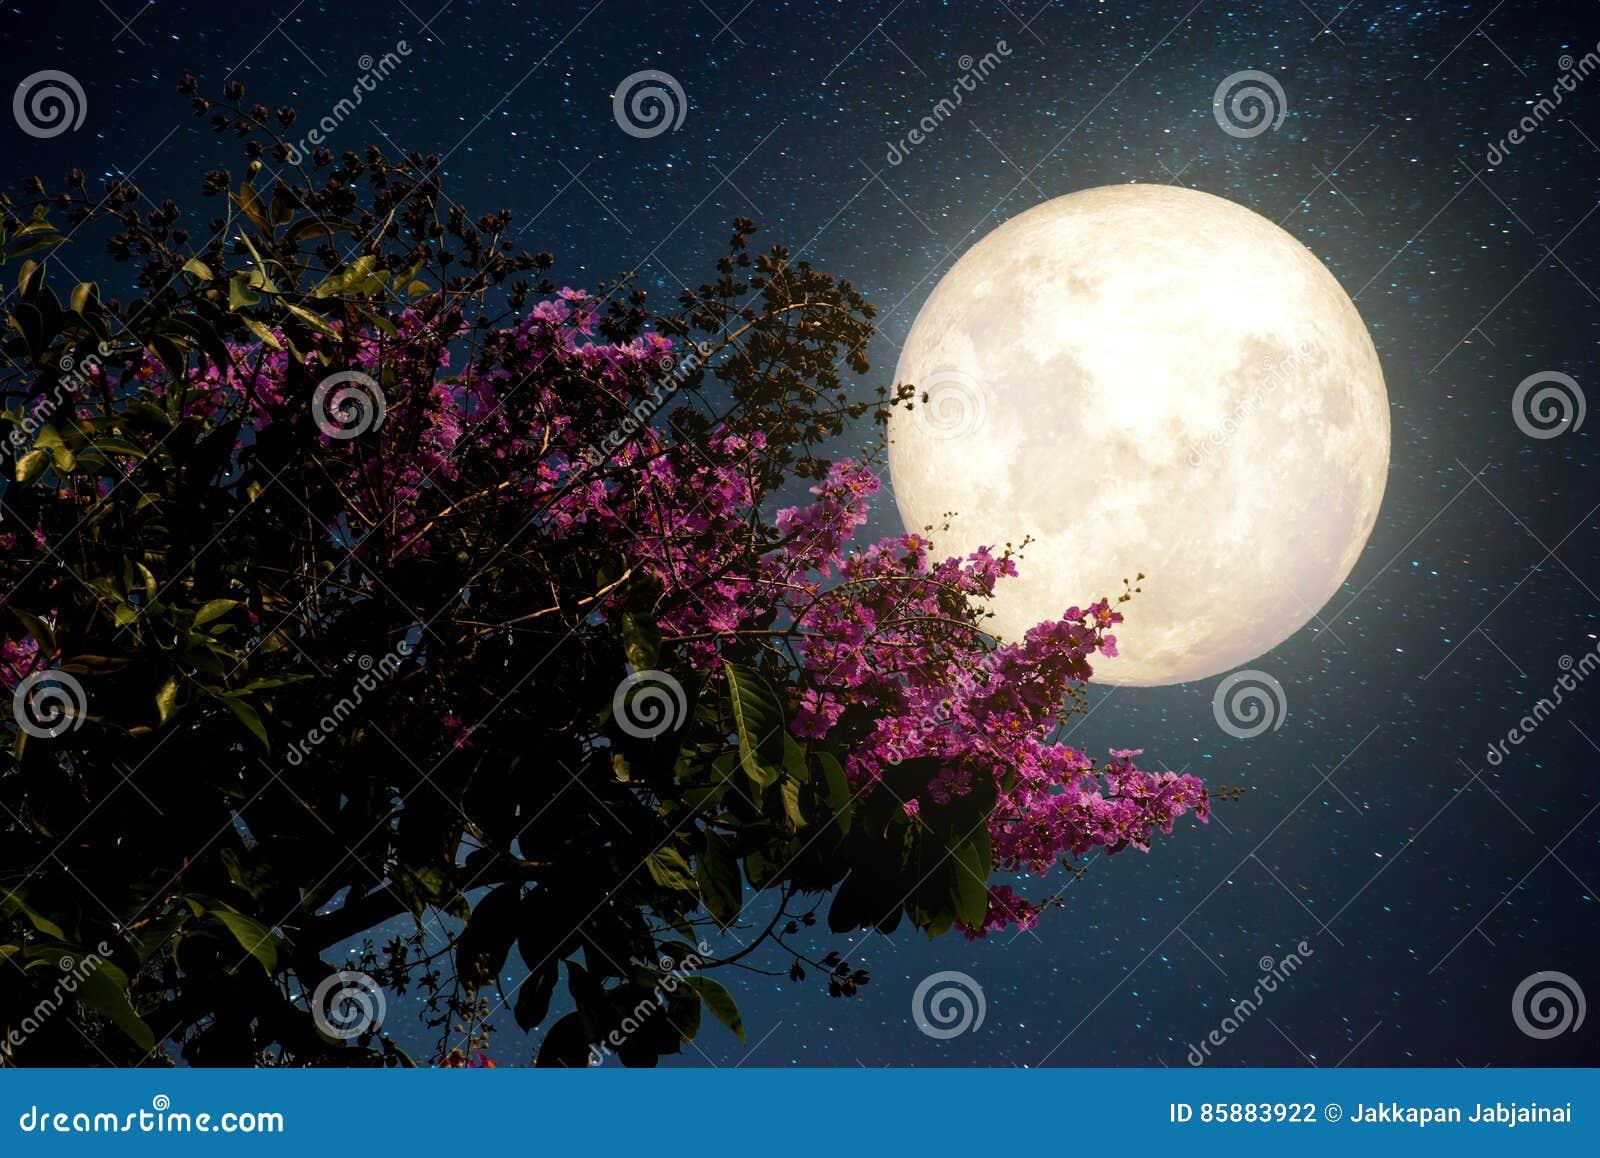 Beautiful cherry blossom sakura flowers with milky way star in night beautiful cherry blossom sakura flowers with milky way star in night skies full moon izmirmasajfo